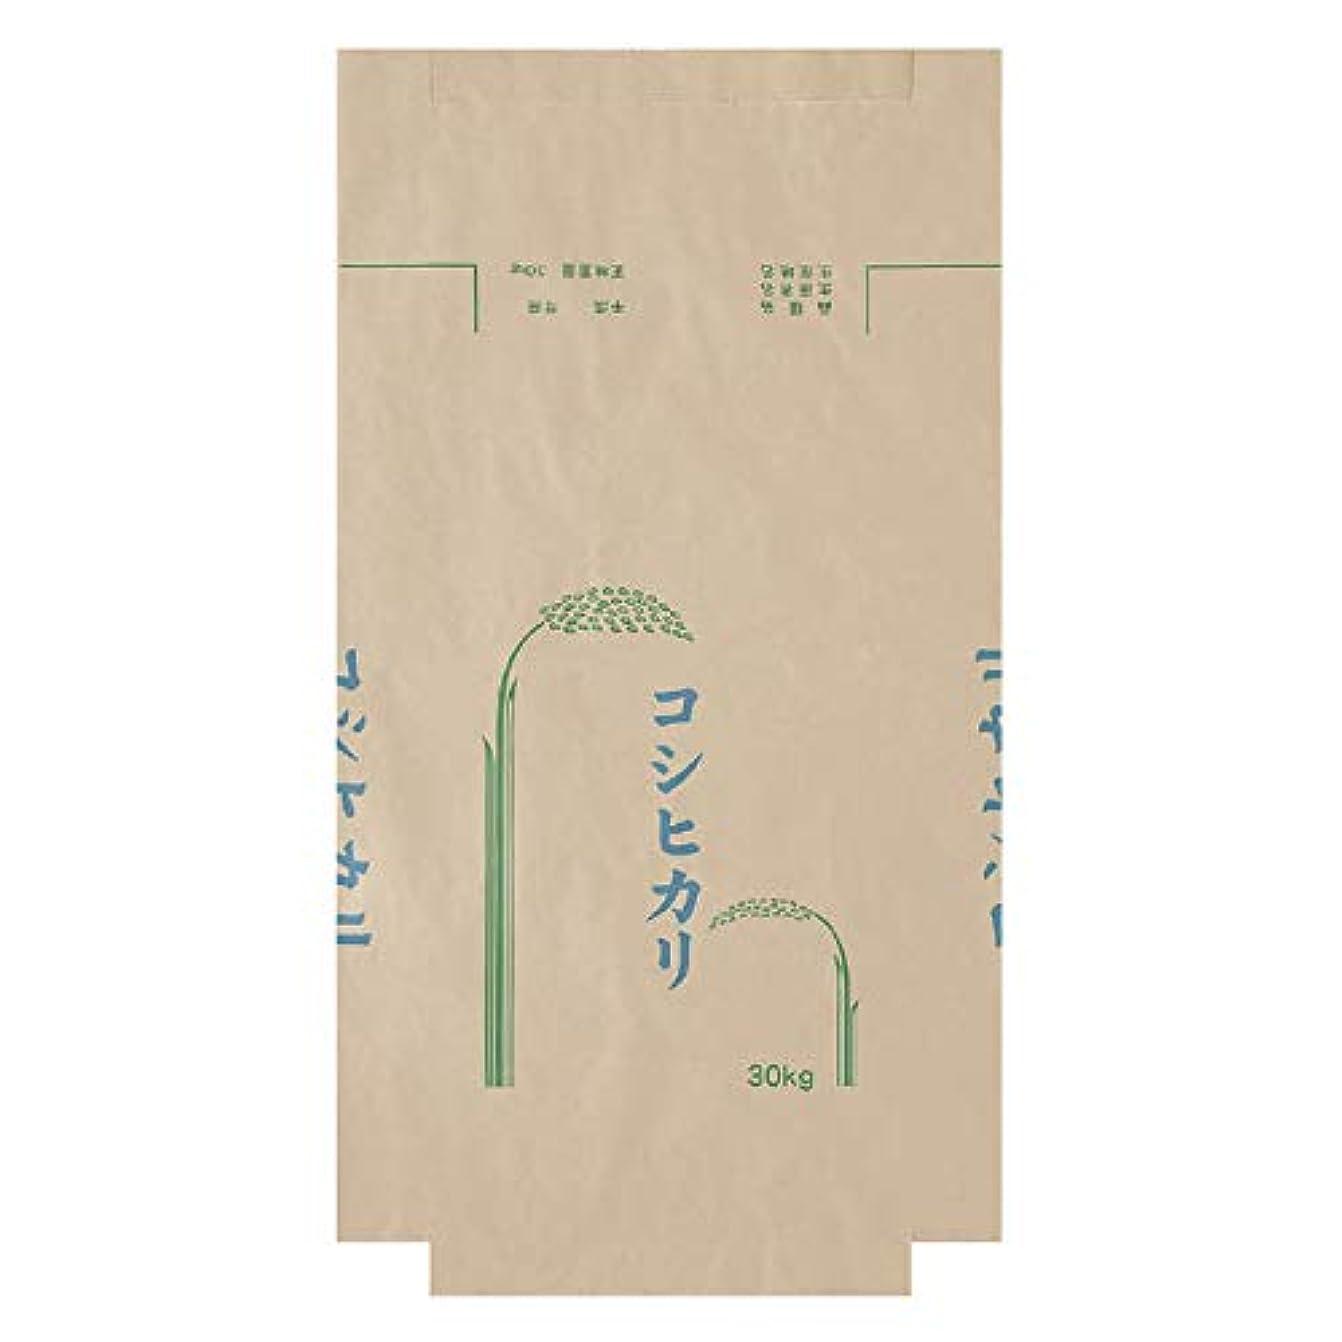 誘発する違反する士気河野産業 米袋 コシヒカリ 30kg